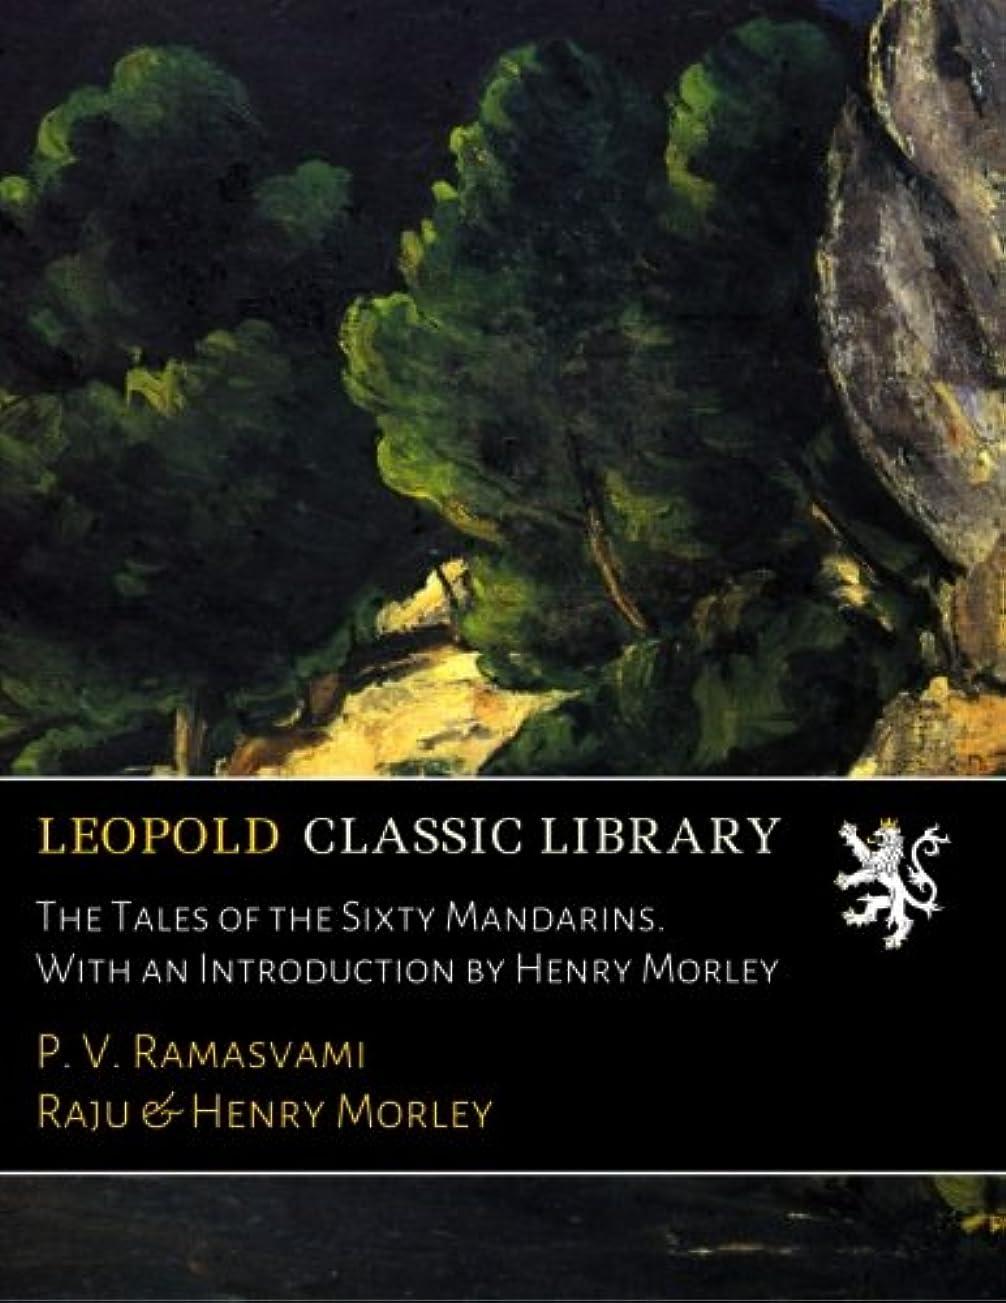 無知環境保護主義者呼びかけるThe Tales of the Sixty Mandarins. With an Introduction by Henry Morley